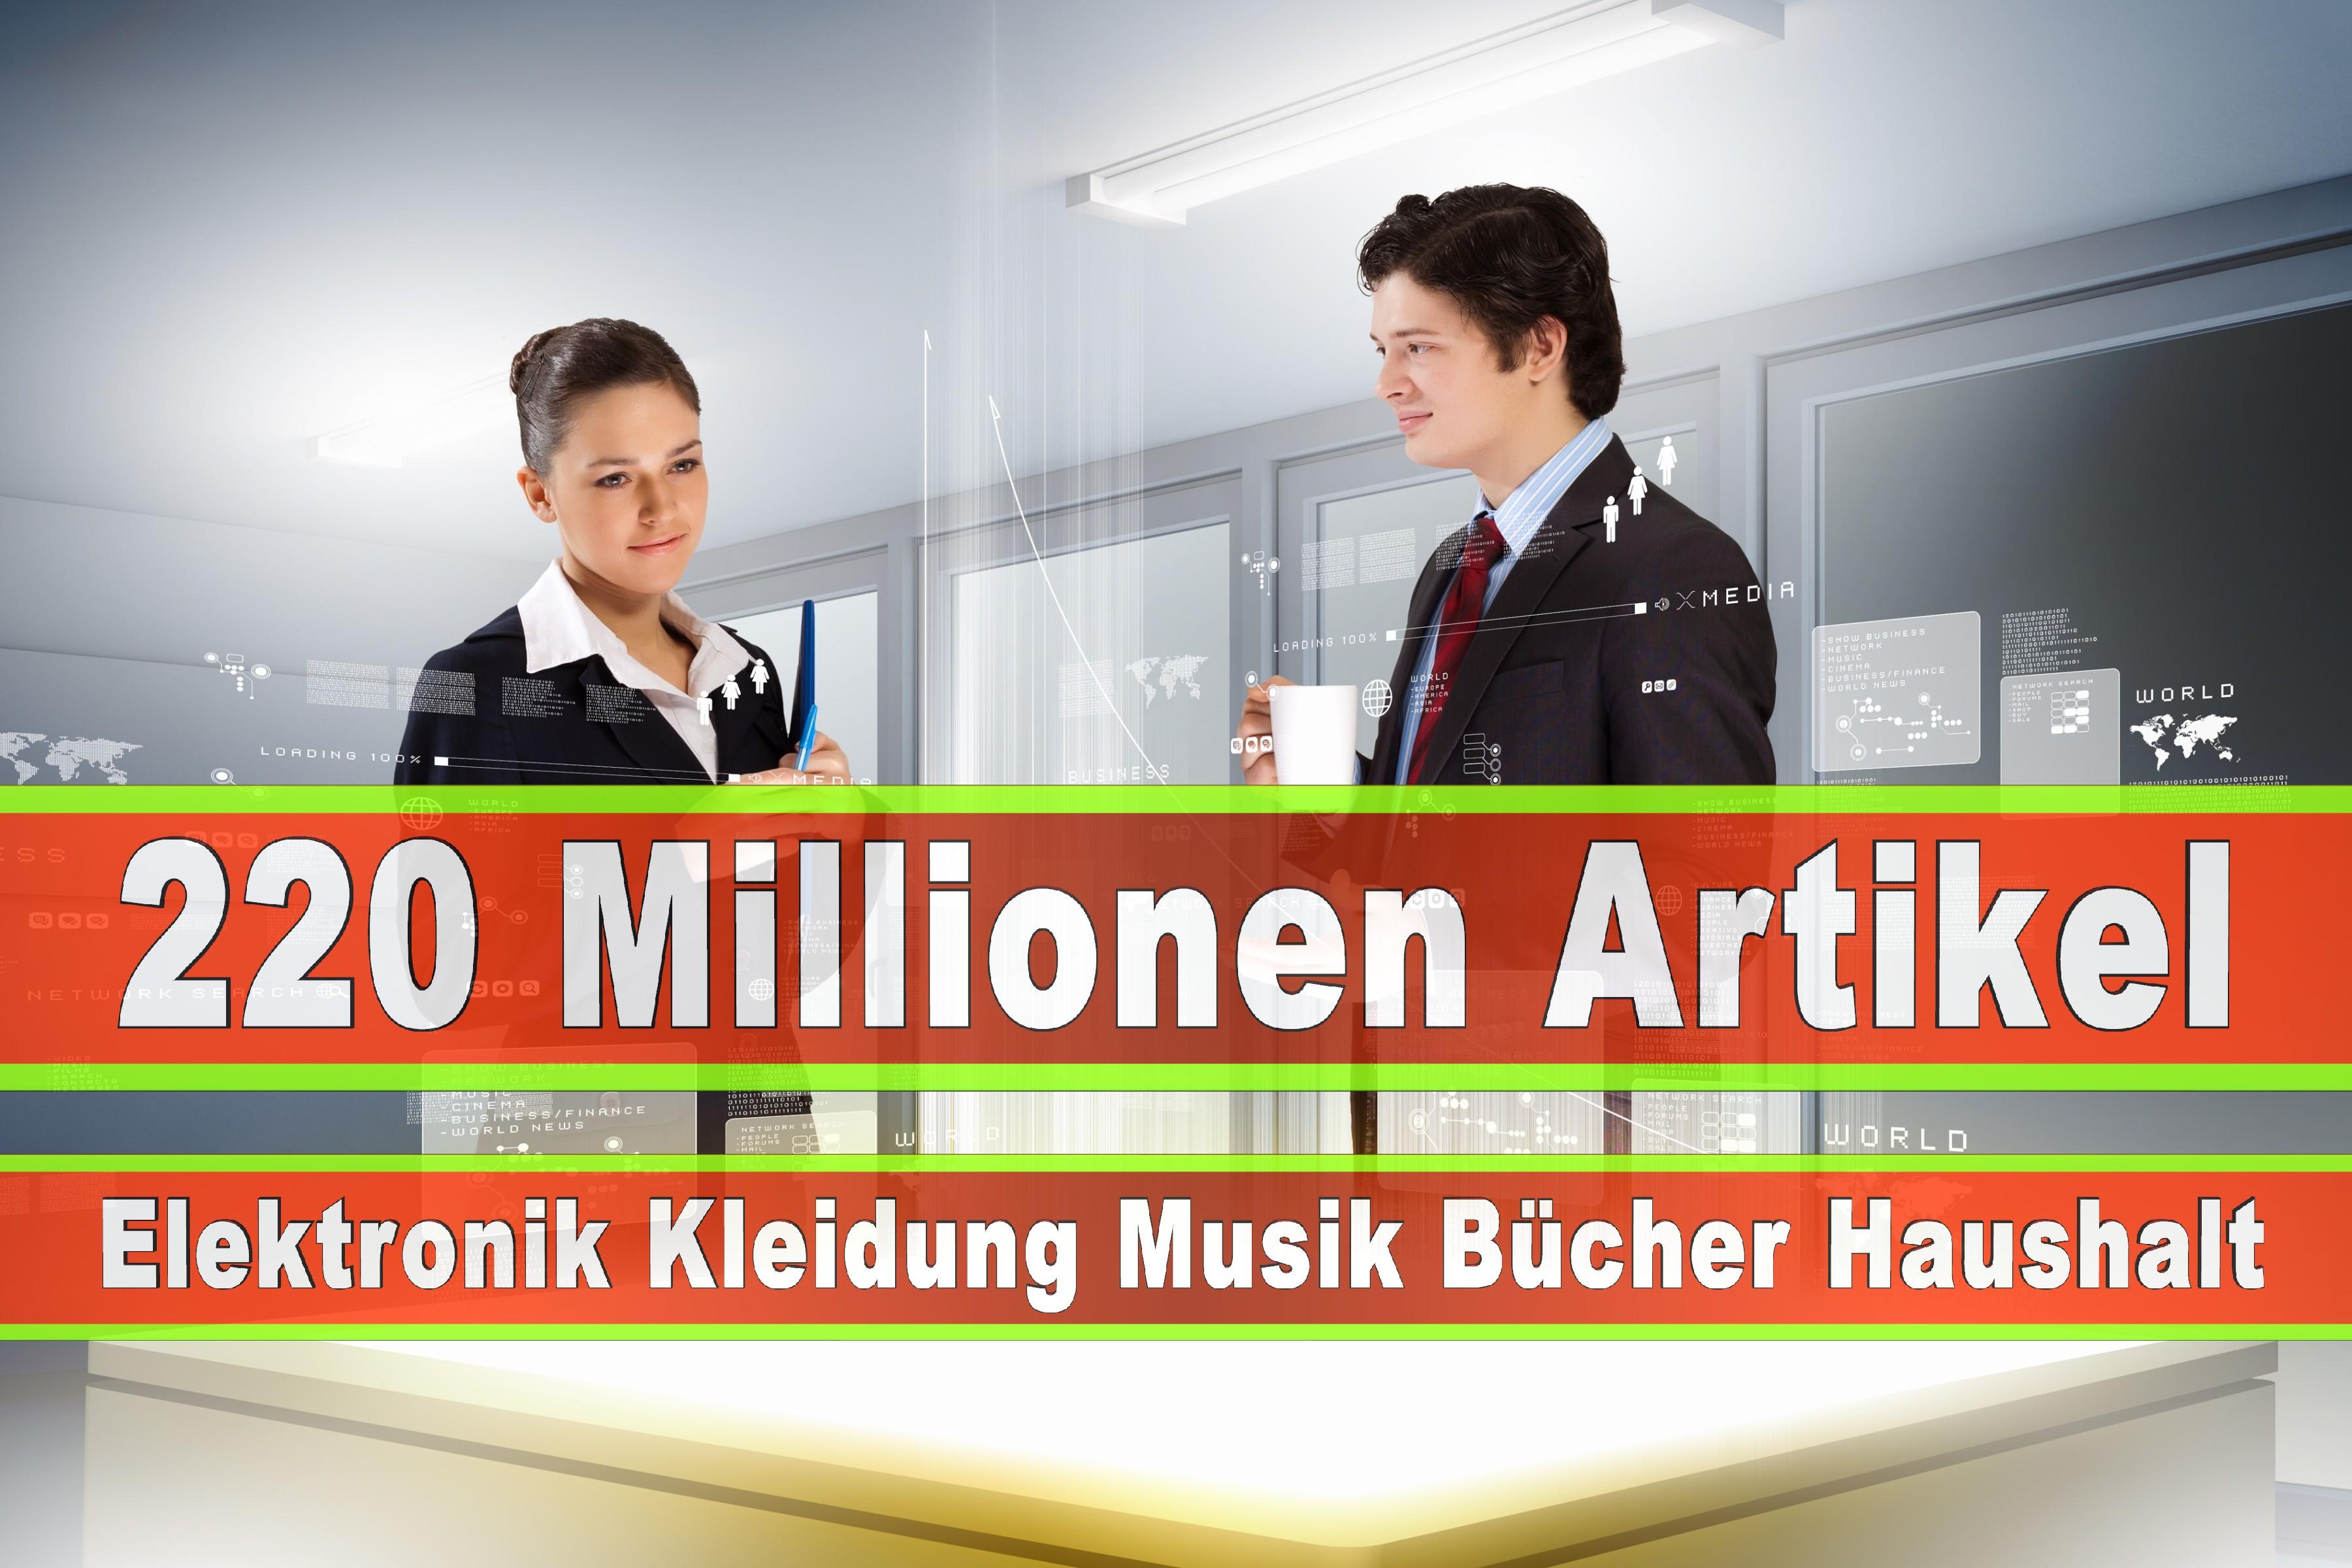 Amazon Elektronik Musik Haushalt Bücher CD DVD Handys Smartphones TV Television Fernseher Kleidung Mode Ebay Versandhaus (14)